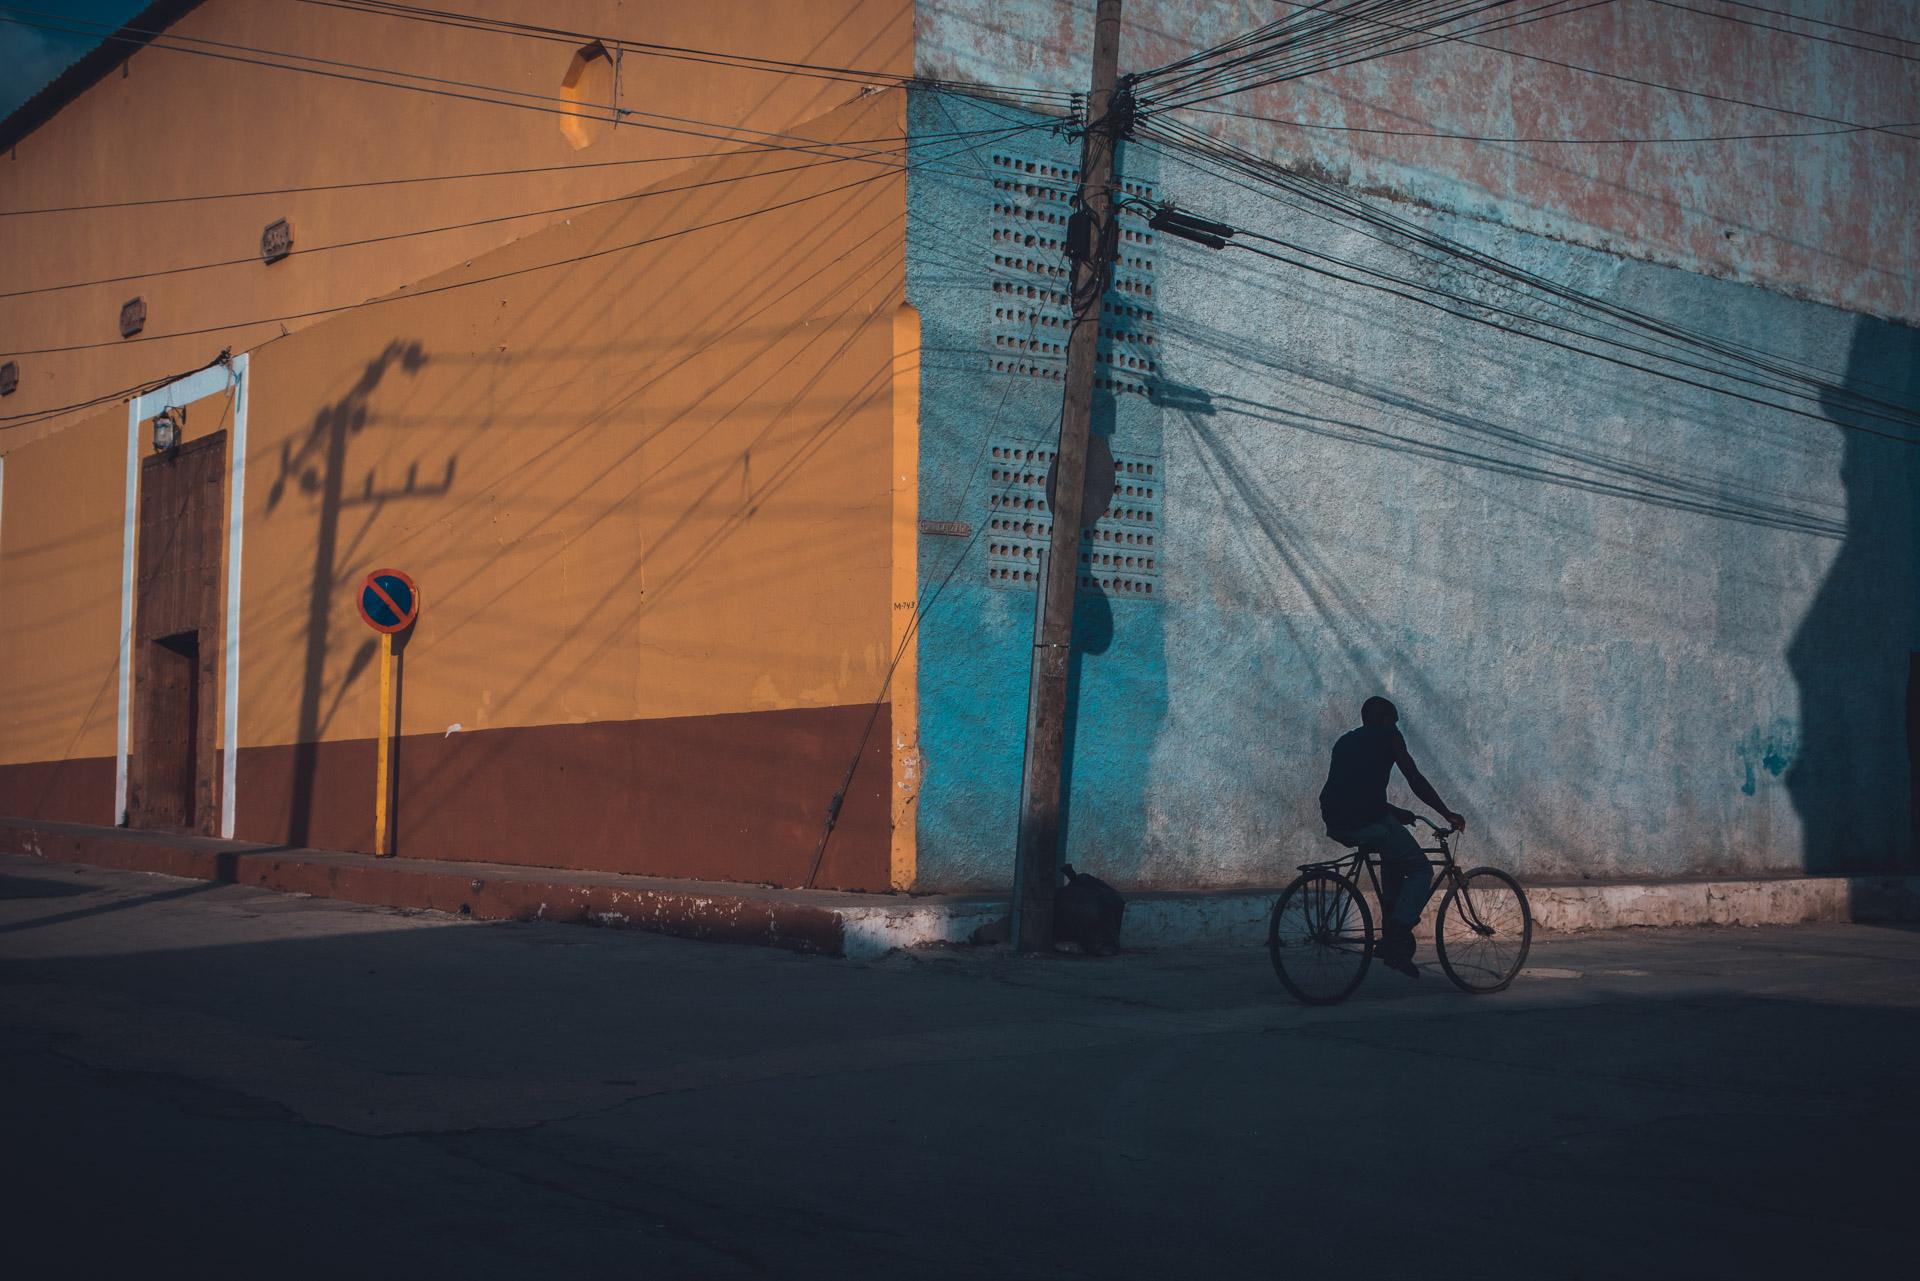 Cuba_StijnHoekstra-37.jpg